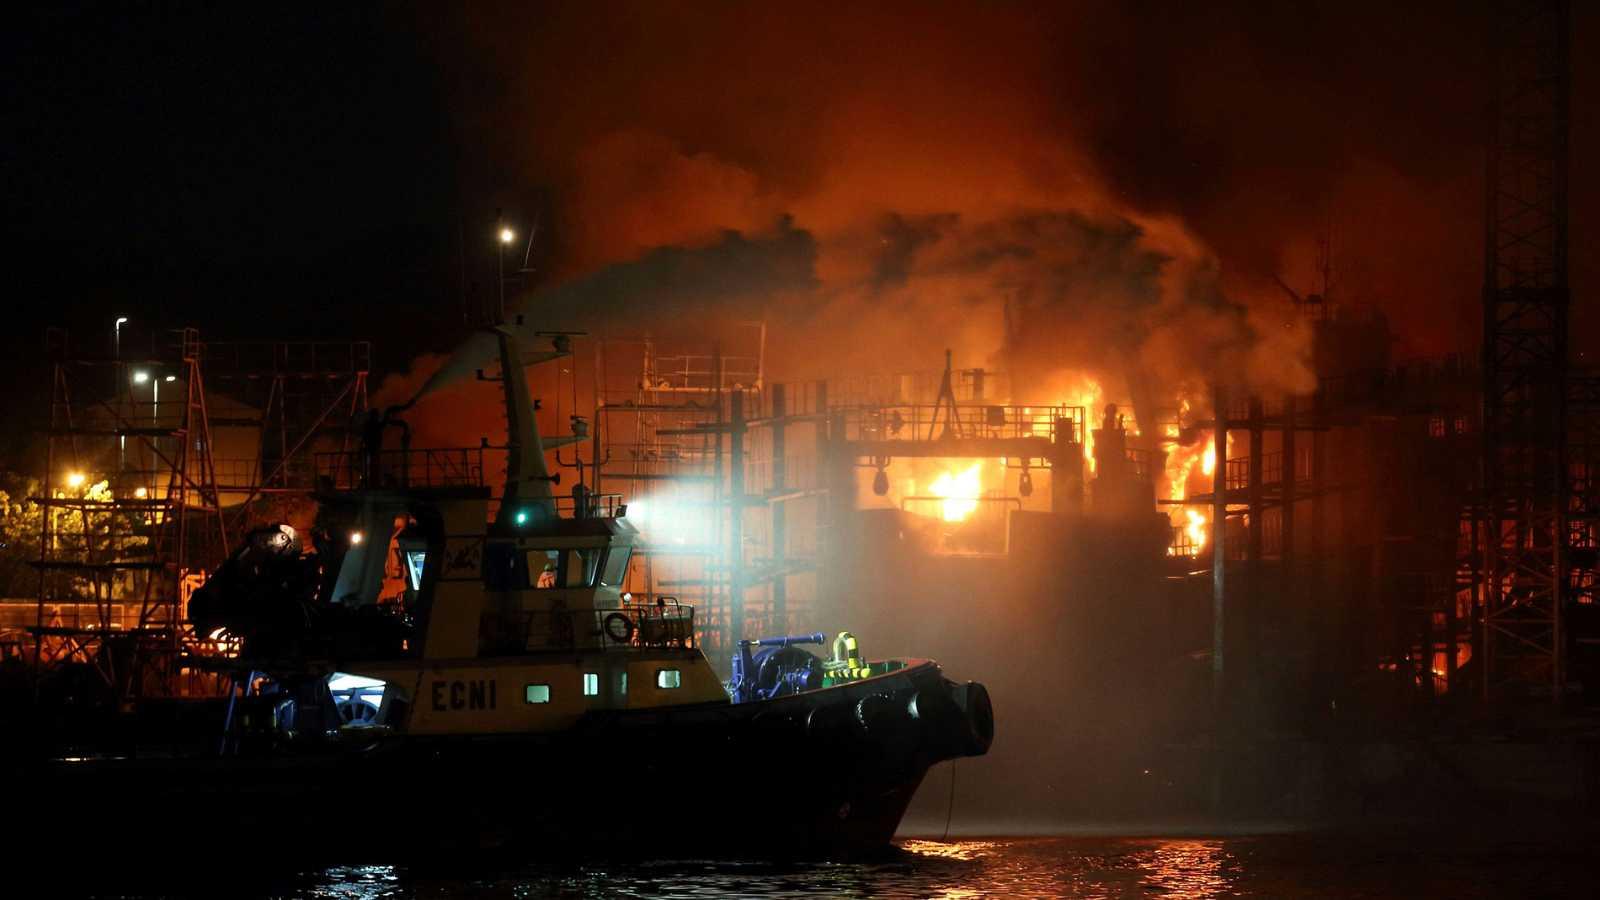 Un incendio en un astillero de Pontevedra arrasa tres barcos